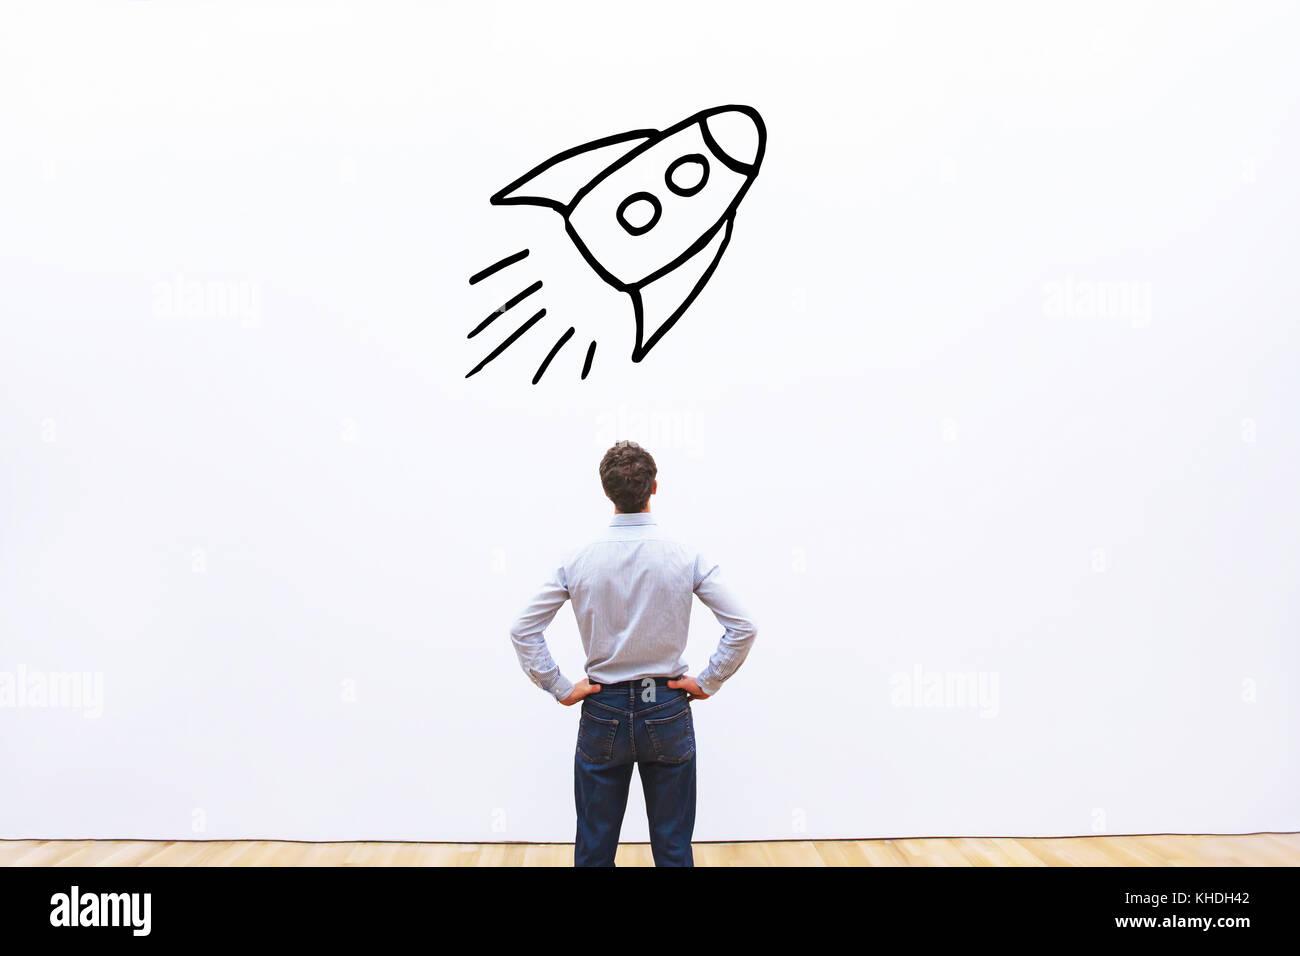 Startup business il concetto di progetto Immagini Stock